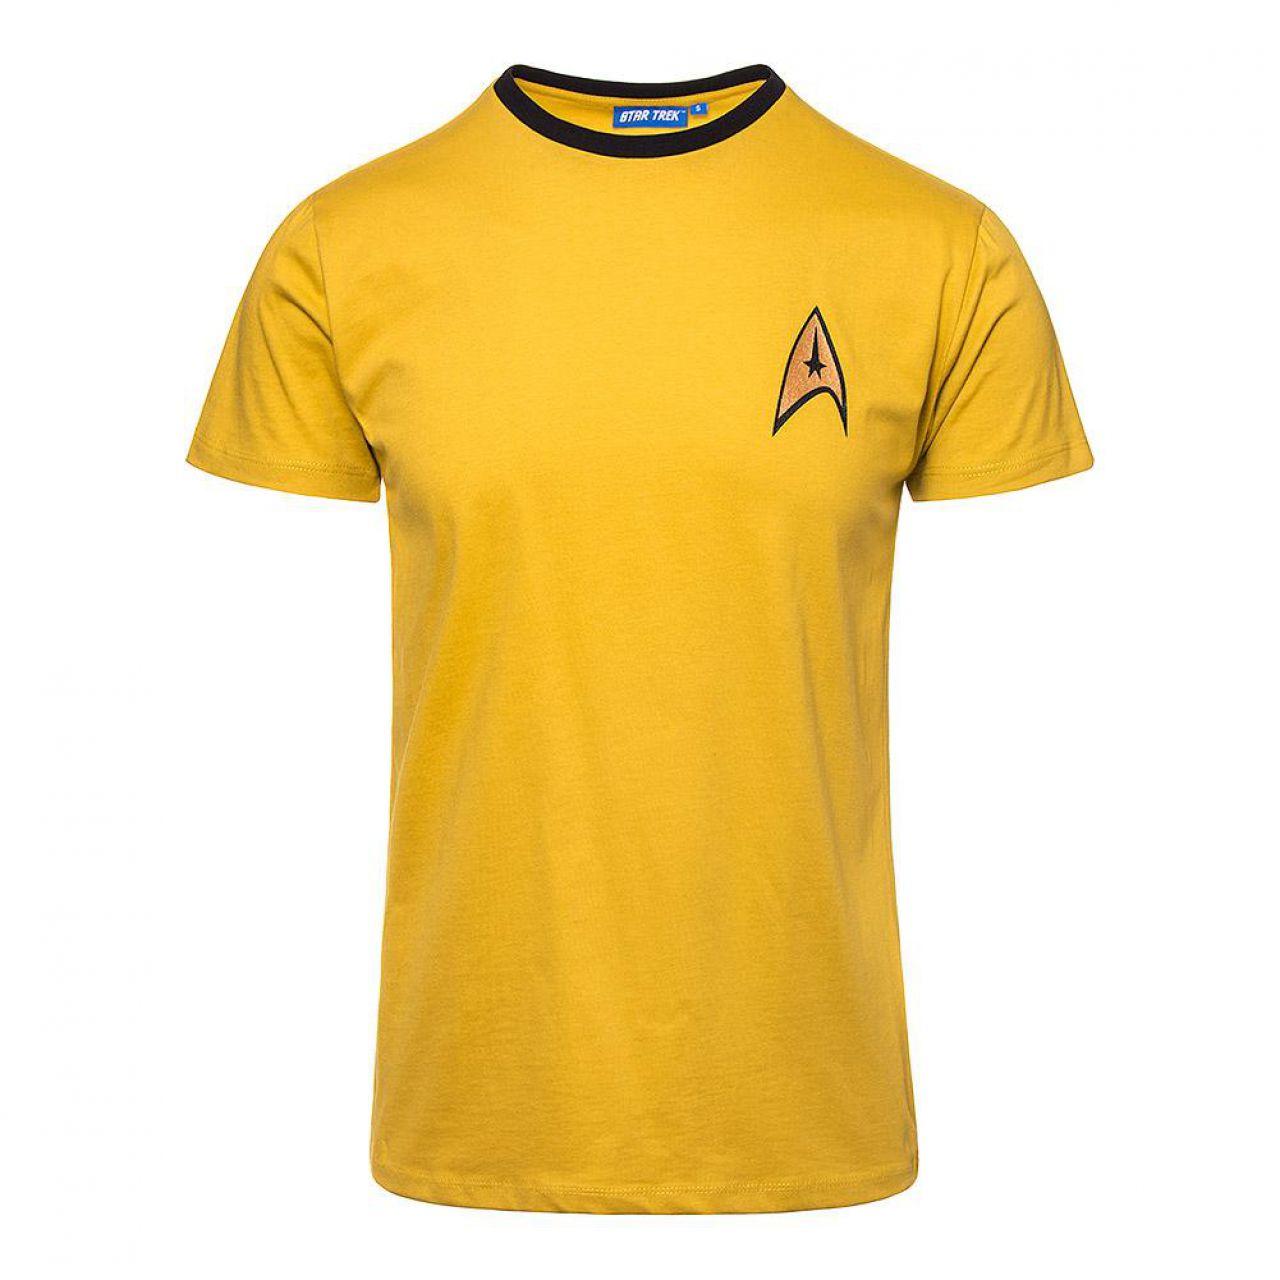 Áo thun đồng phục cổ tròn màu vàng có viền đen ở cổ